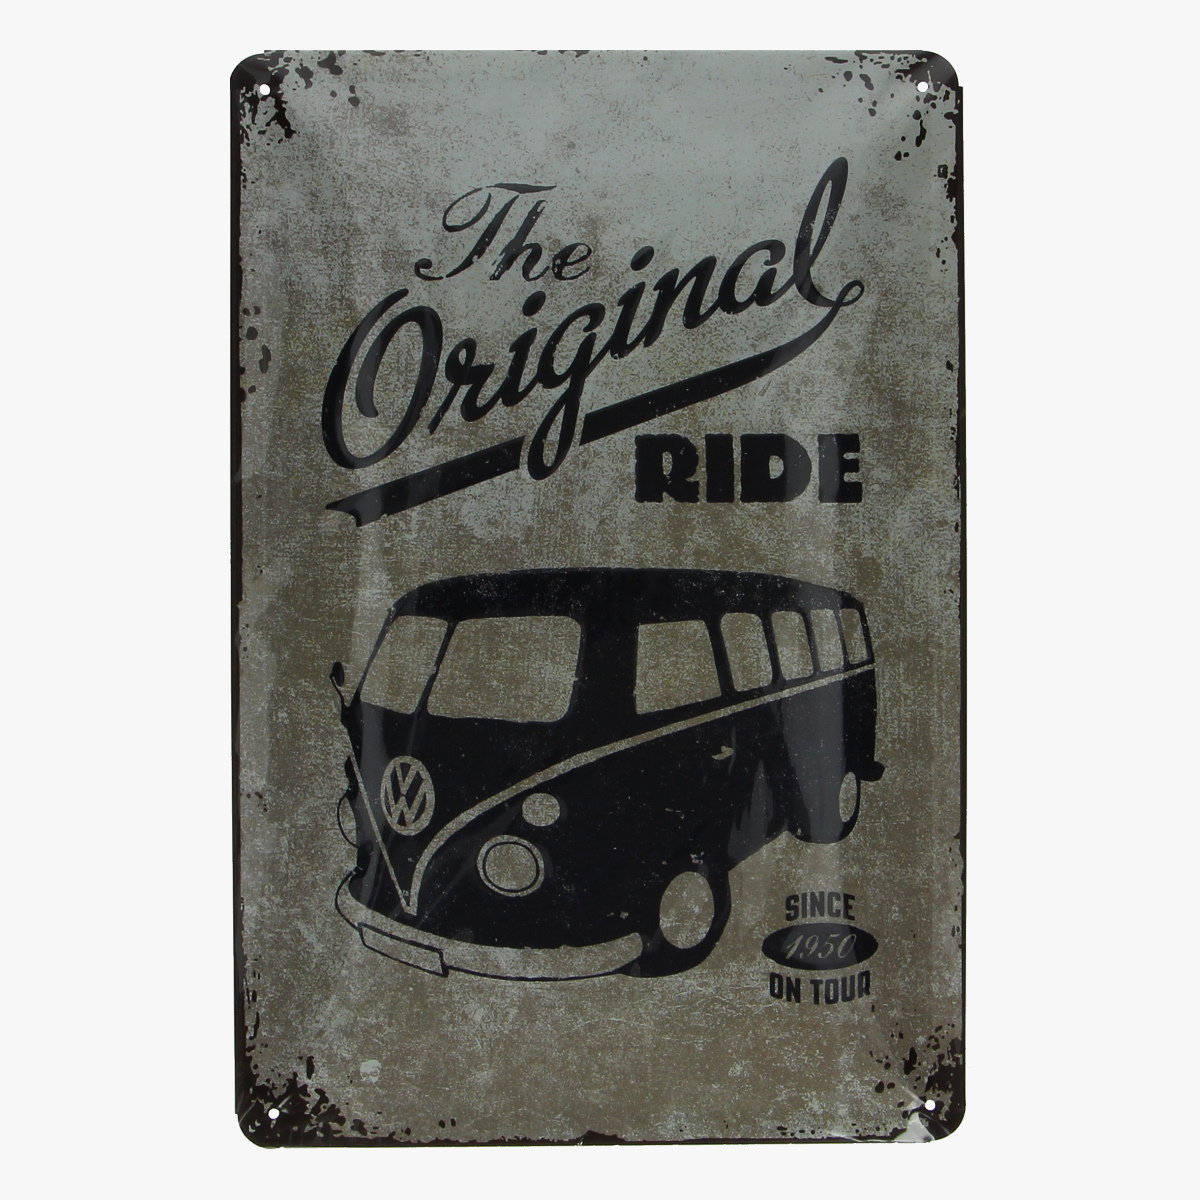 Afbeeldingen van blikken bordje the original ride volkswagen busje geseald repro